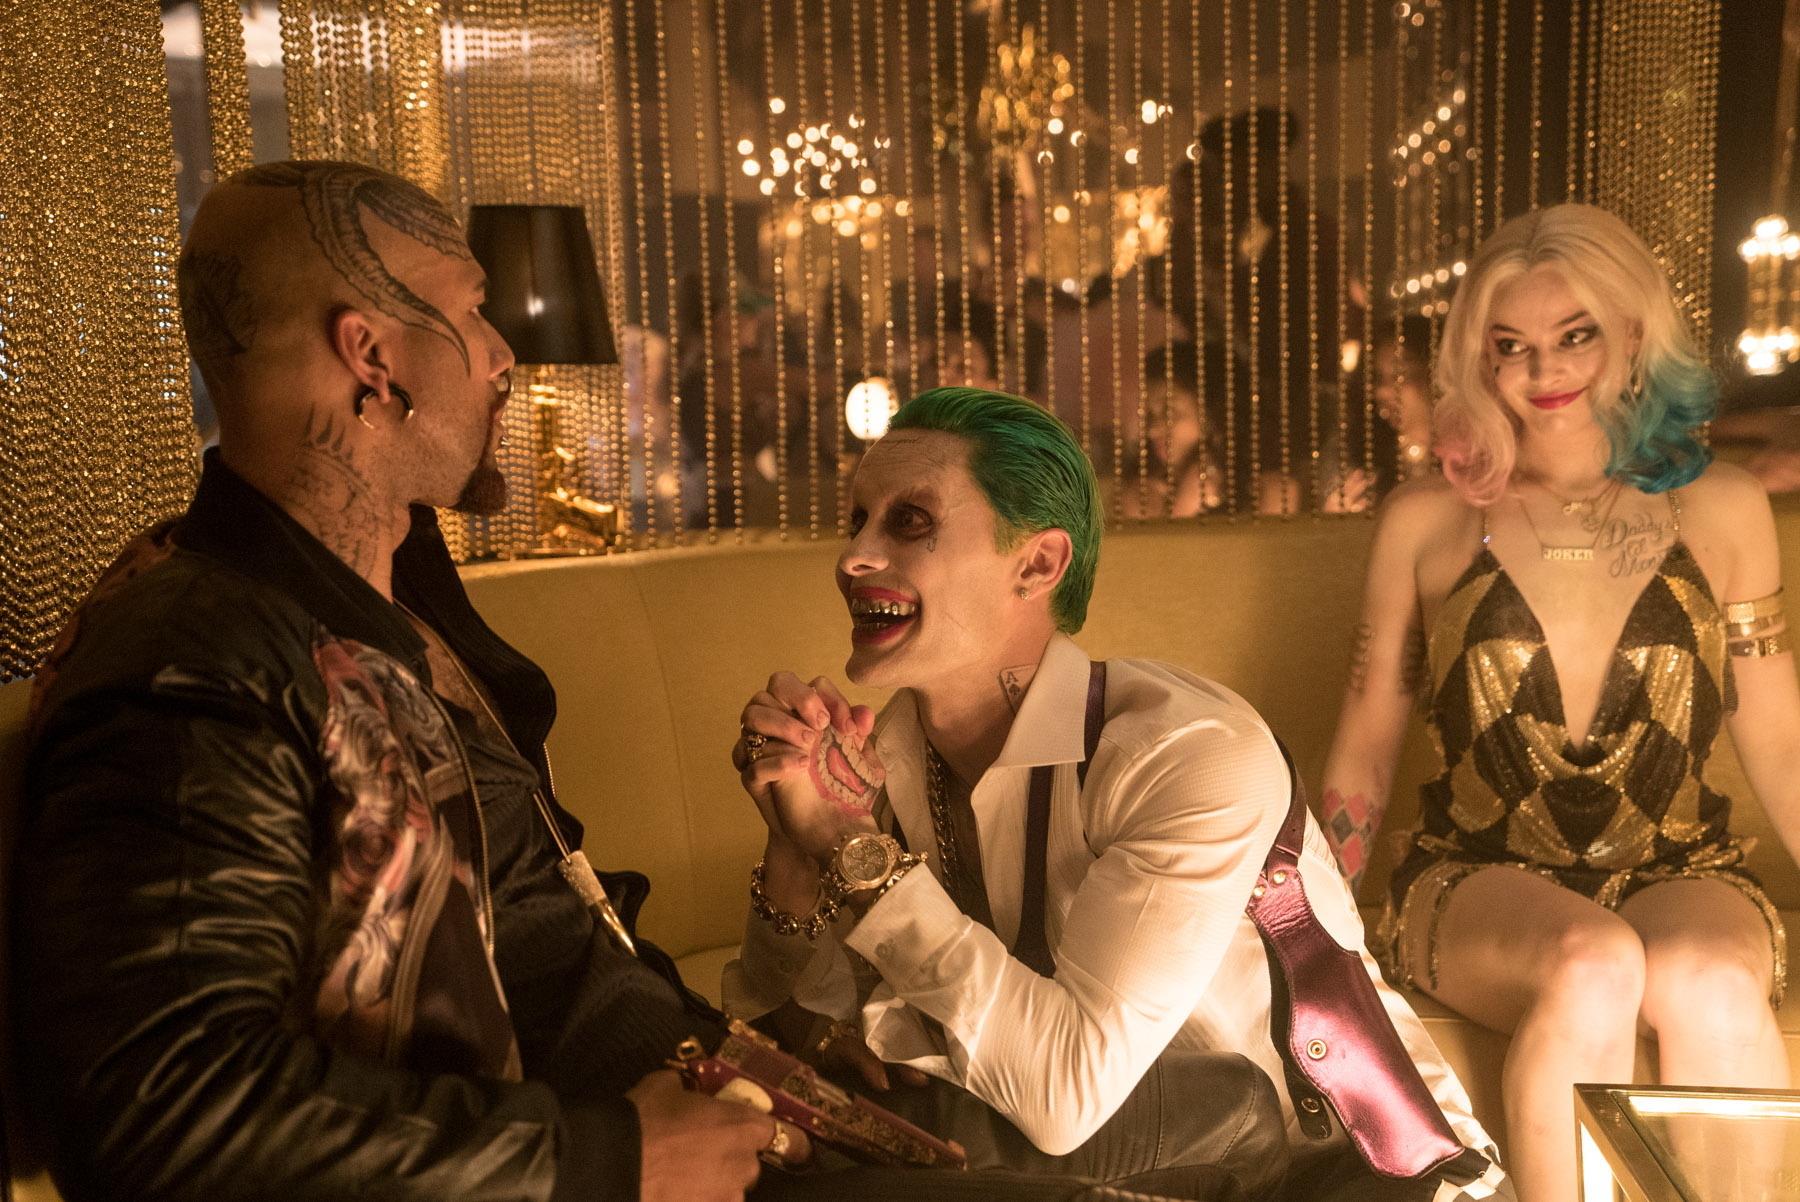 Margot Robbie on her scenes with The Joker: